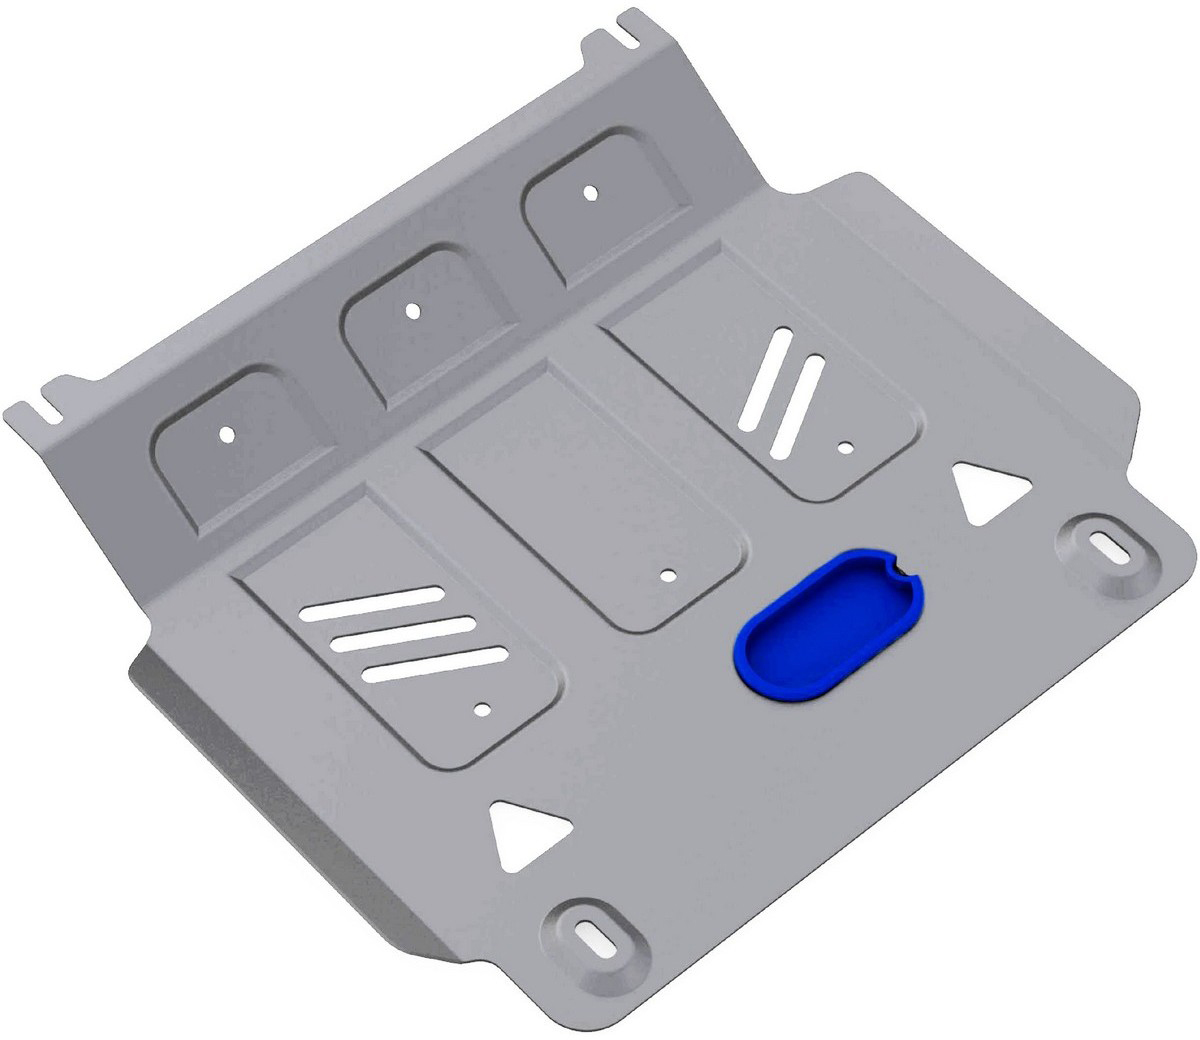 Защита картера Rival, для Mitsubishi L200 2006-2015/Mitsubishi Pajero Sport 2008-2016, алюминий 6 мм333.4033.1/6Защита картера для Mitsubishi L200 V - все 2006-2015/Mitsubishi Pajero Sport V - все 2008-2016, алюминий 6 мм, крепеж в комплекте, 333.4033.1/6Алюминиевые защиты Rival надежно защищают днище вашего автомобиля от повреждений, например при наезде на бордюры, а также выполняют эстетическую функцию при установке на высокие автомобили.- Толщина алюминиевых защит в 2 раза толще стальных, а вес при этом меньше до 30%.- Отлично отводит тепло от двигателя своей поверхностью, что спасает двигатель от перегрева в летний период или при высоких нагрузках.- В отличие от стальных, алюминиевые защиты не поддаются коррозии, что гарантирует срок службы защит более 5 лет.- Покрываются порошковой краской, что надолго сохраняет первоначальный вид новой защиты и защищает от гальванической коррозии.- Глубокий штамп дополнительно усиливает конструкцию защиты.- Подштамповка в местах крепления защищает крепеж от срезания.- Технологические отверстия там, где они необходимы для смены масла и слива воды, оборудованные заглушками, надежно закрепленными на защите.- Помимо основной функции защиты от удара, конструкция так же существенно снижает попадание в моторный отсек влаги и грязи.В комплекте инструкция по установке.Уважаемые клиенты!Обращаем ваше внимание, на тот факт, что защита имеет форму, соответствующую модели данного автомобиля. Наличие глубокого штампа и лючков для смены фильтров/масла предусмотрено не на всех защитах. Фото служит для визуального восприятия товара.